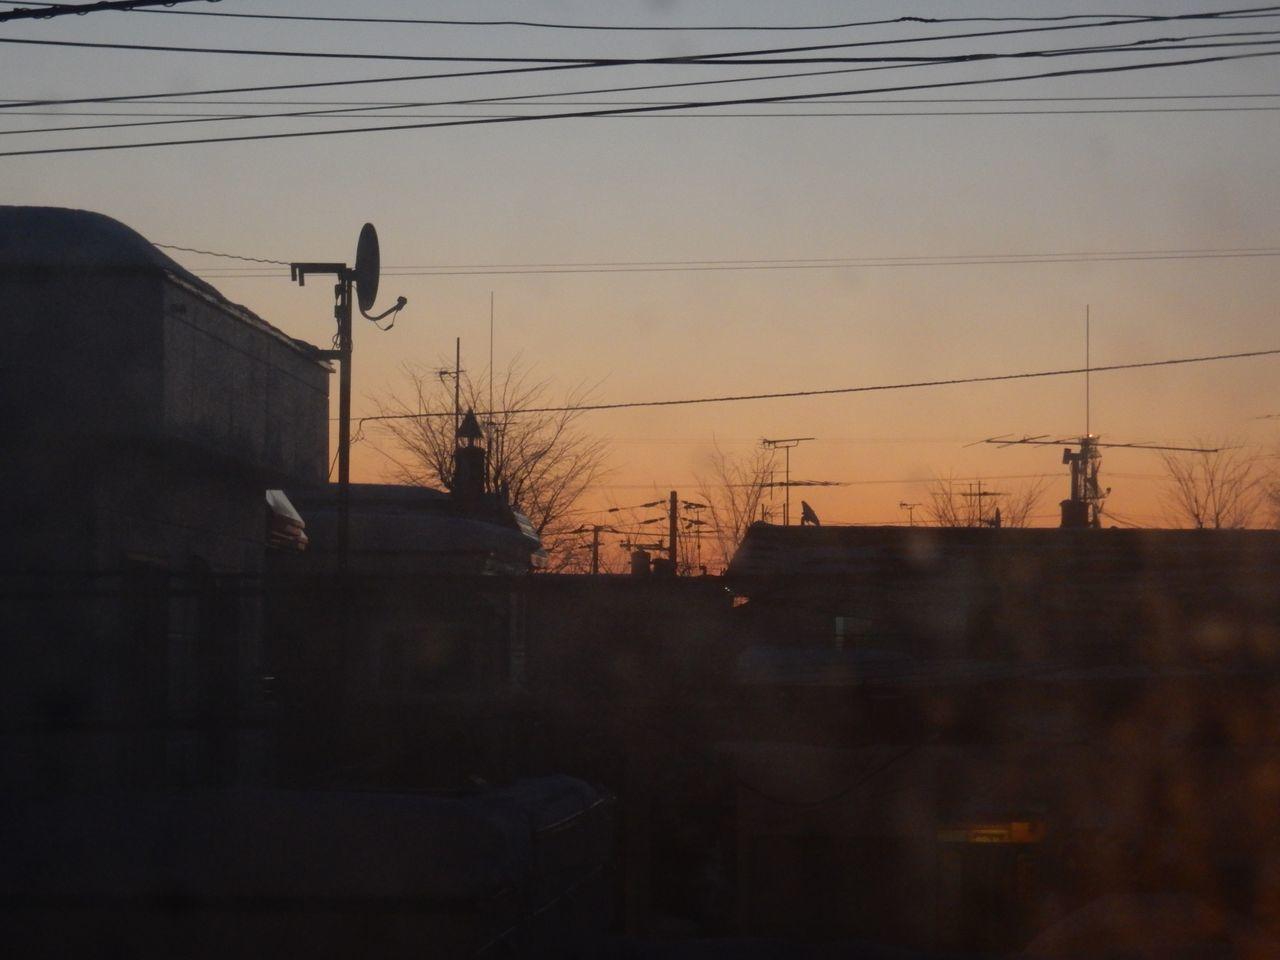 何度目の「この冬一番の寒さ」だろう_c0025115_20461637.jpg